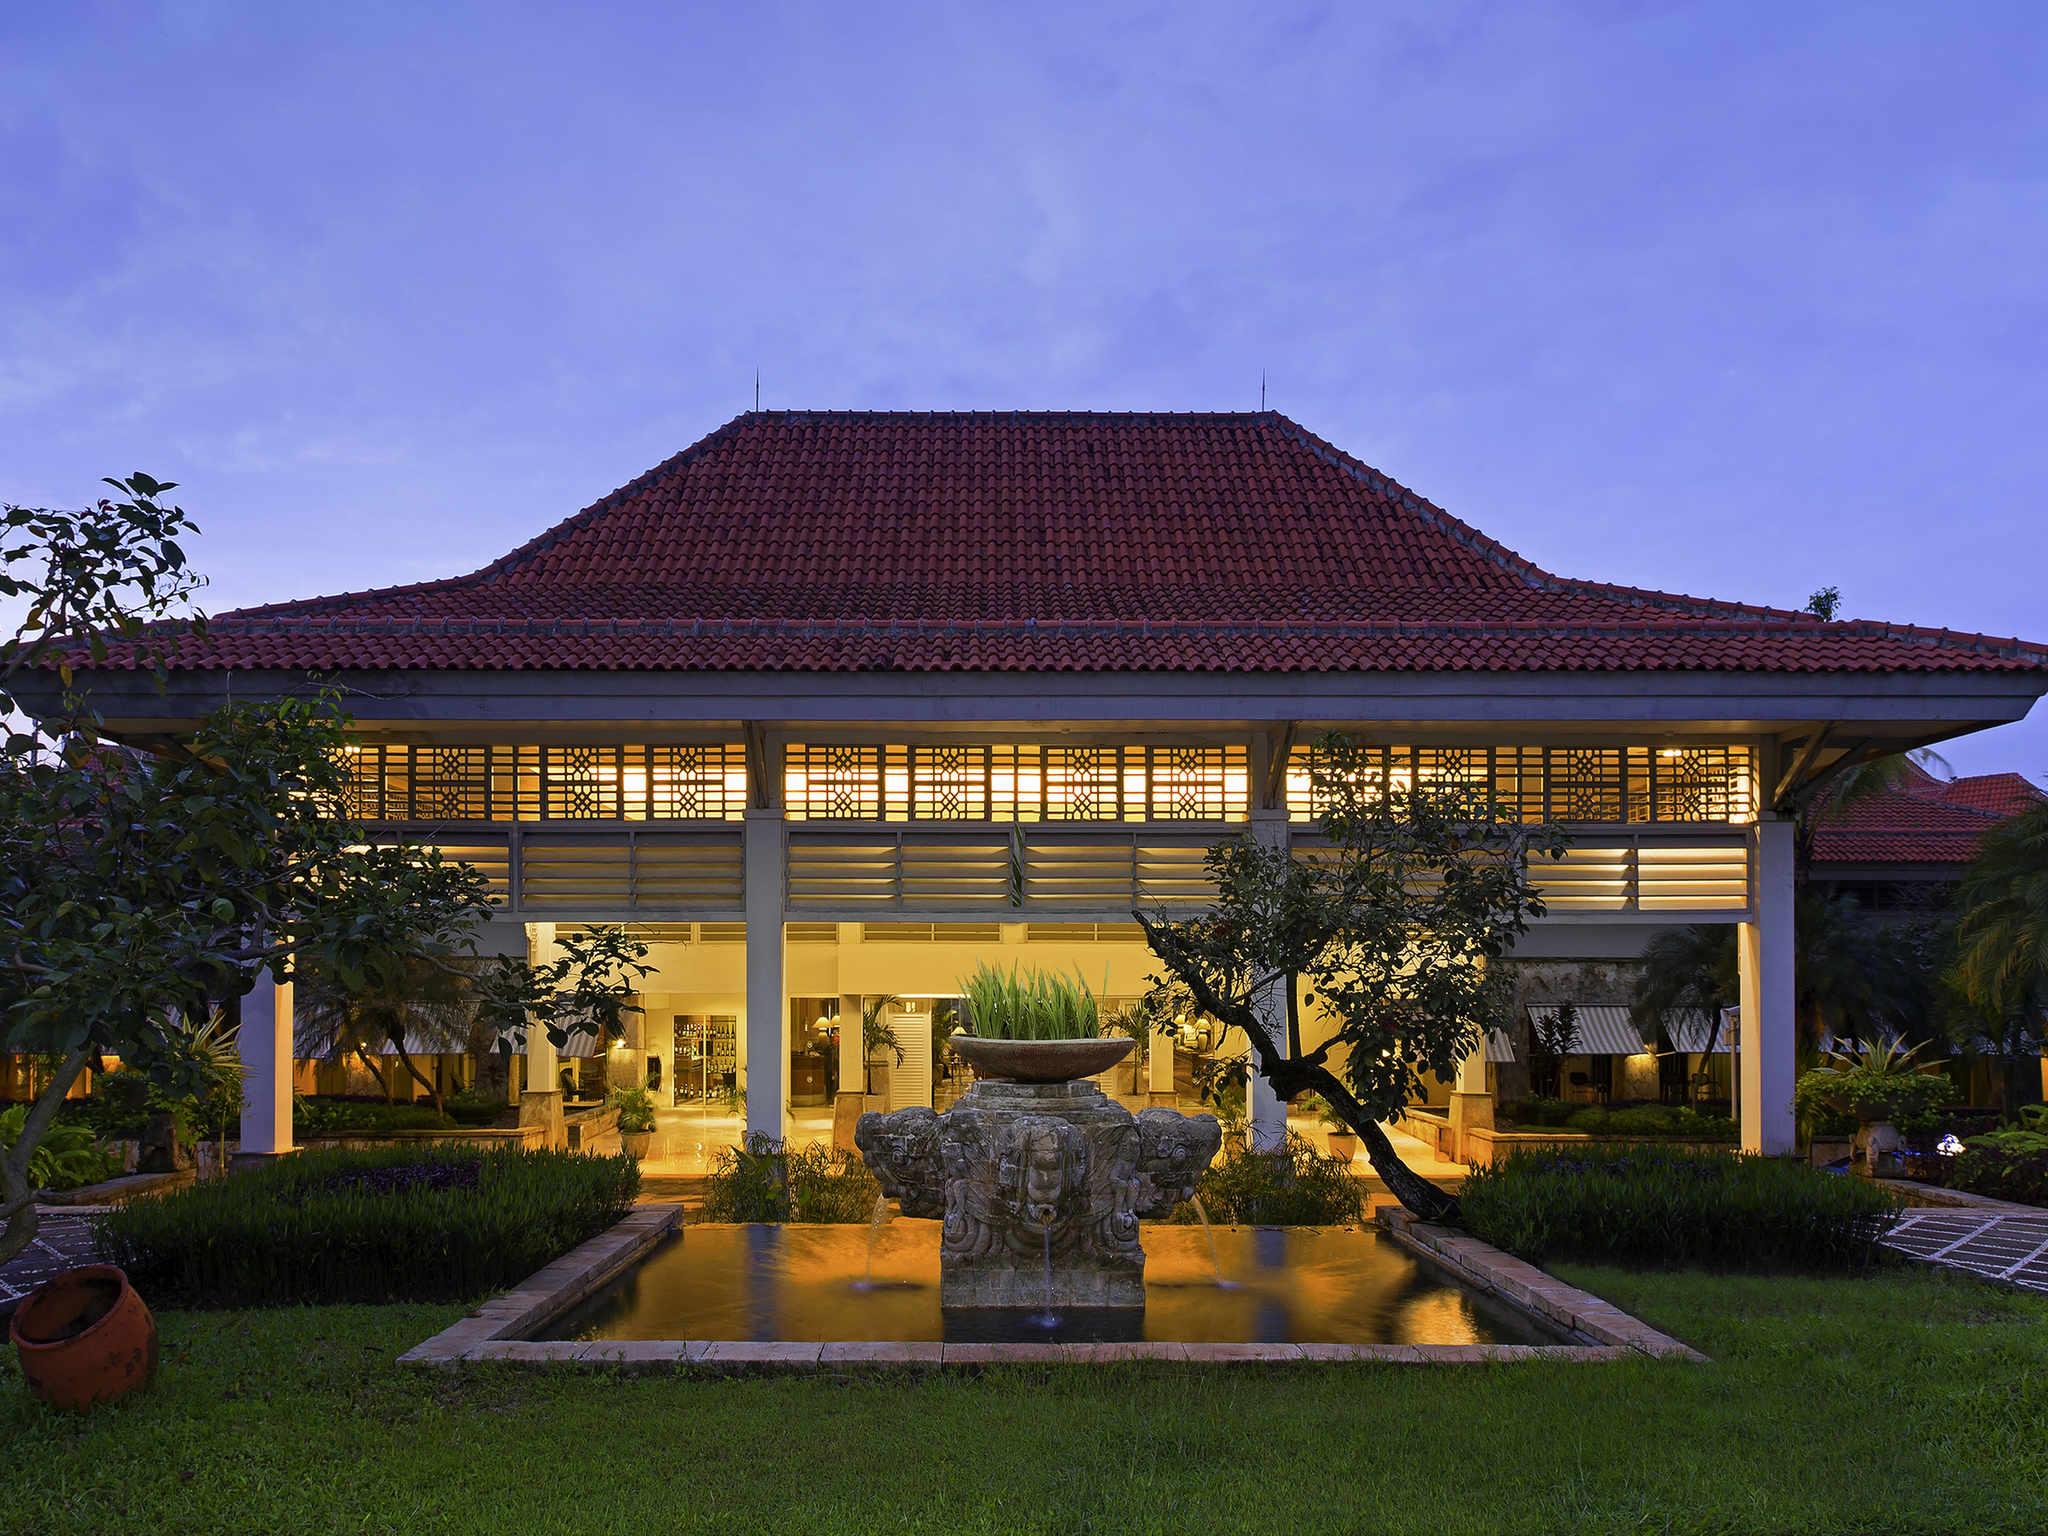 โรงแรม – โรงแรมนานาชาติบัญดารา บริหารโดย AccorHotels